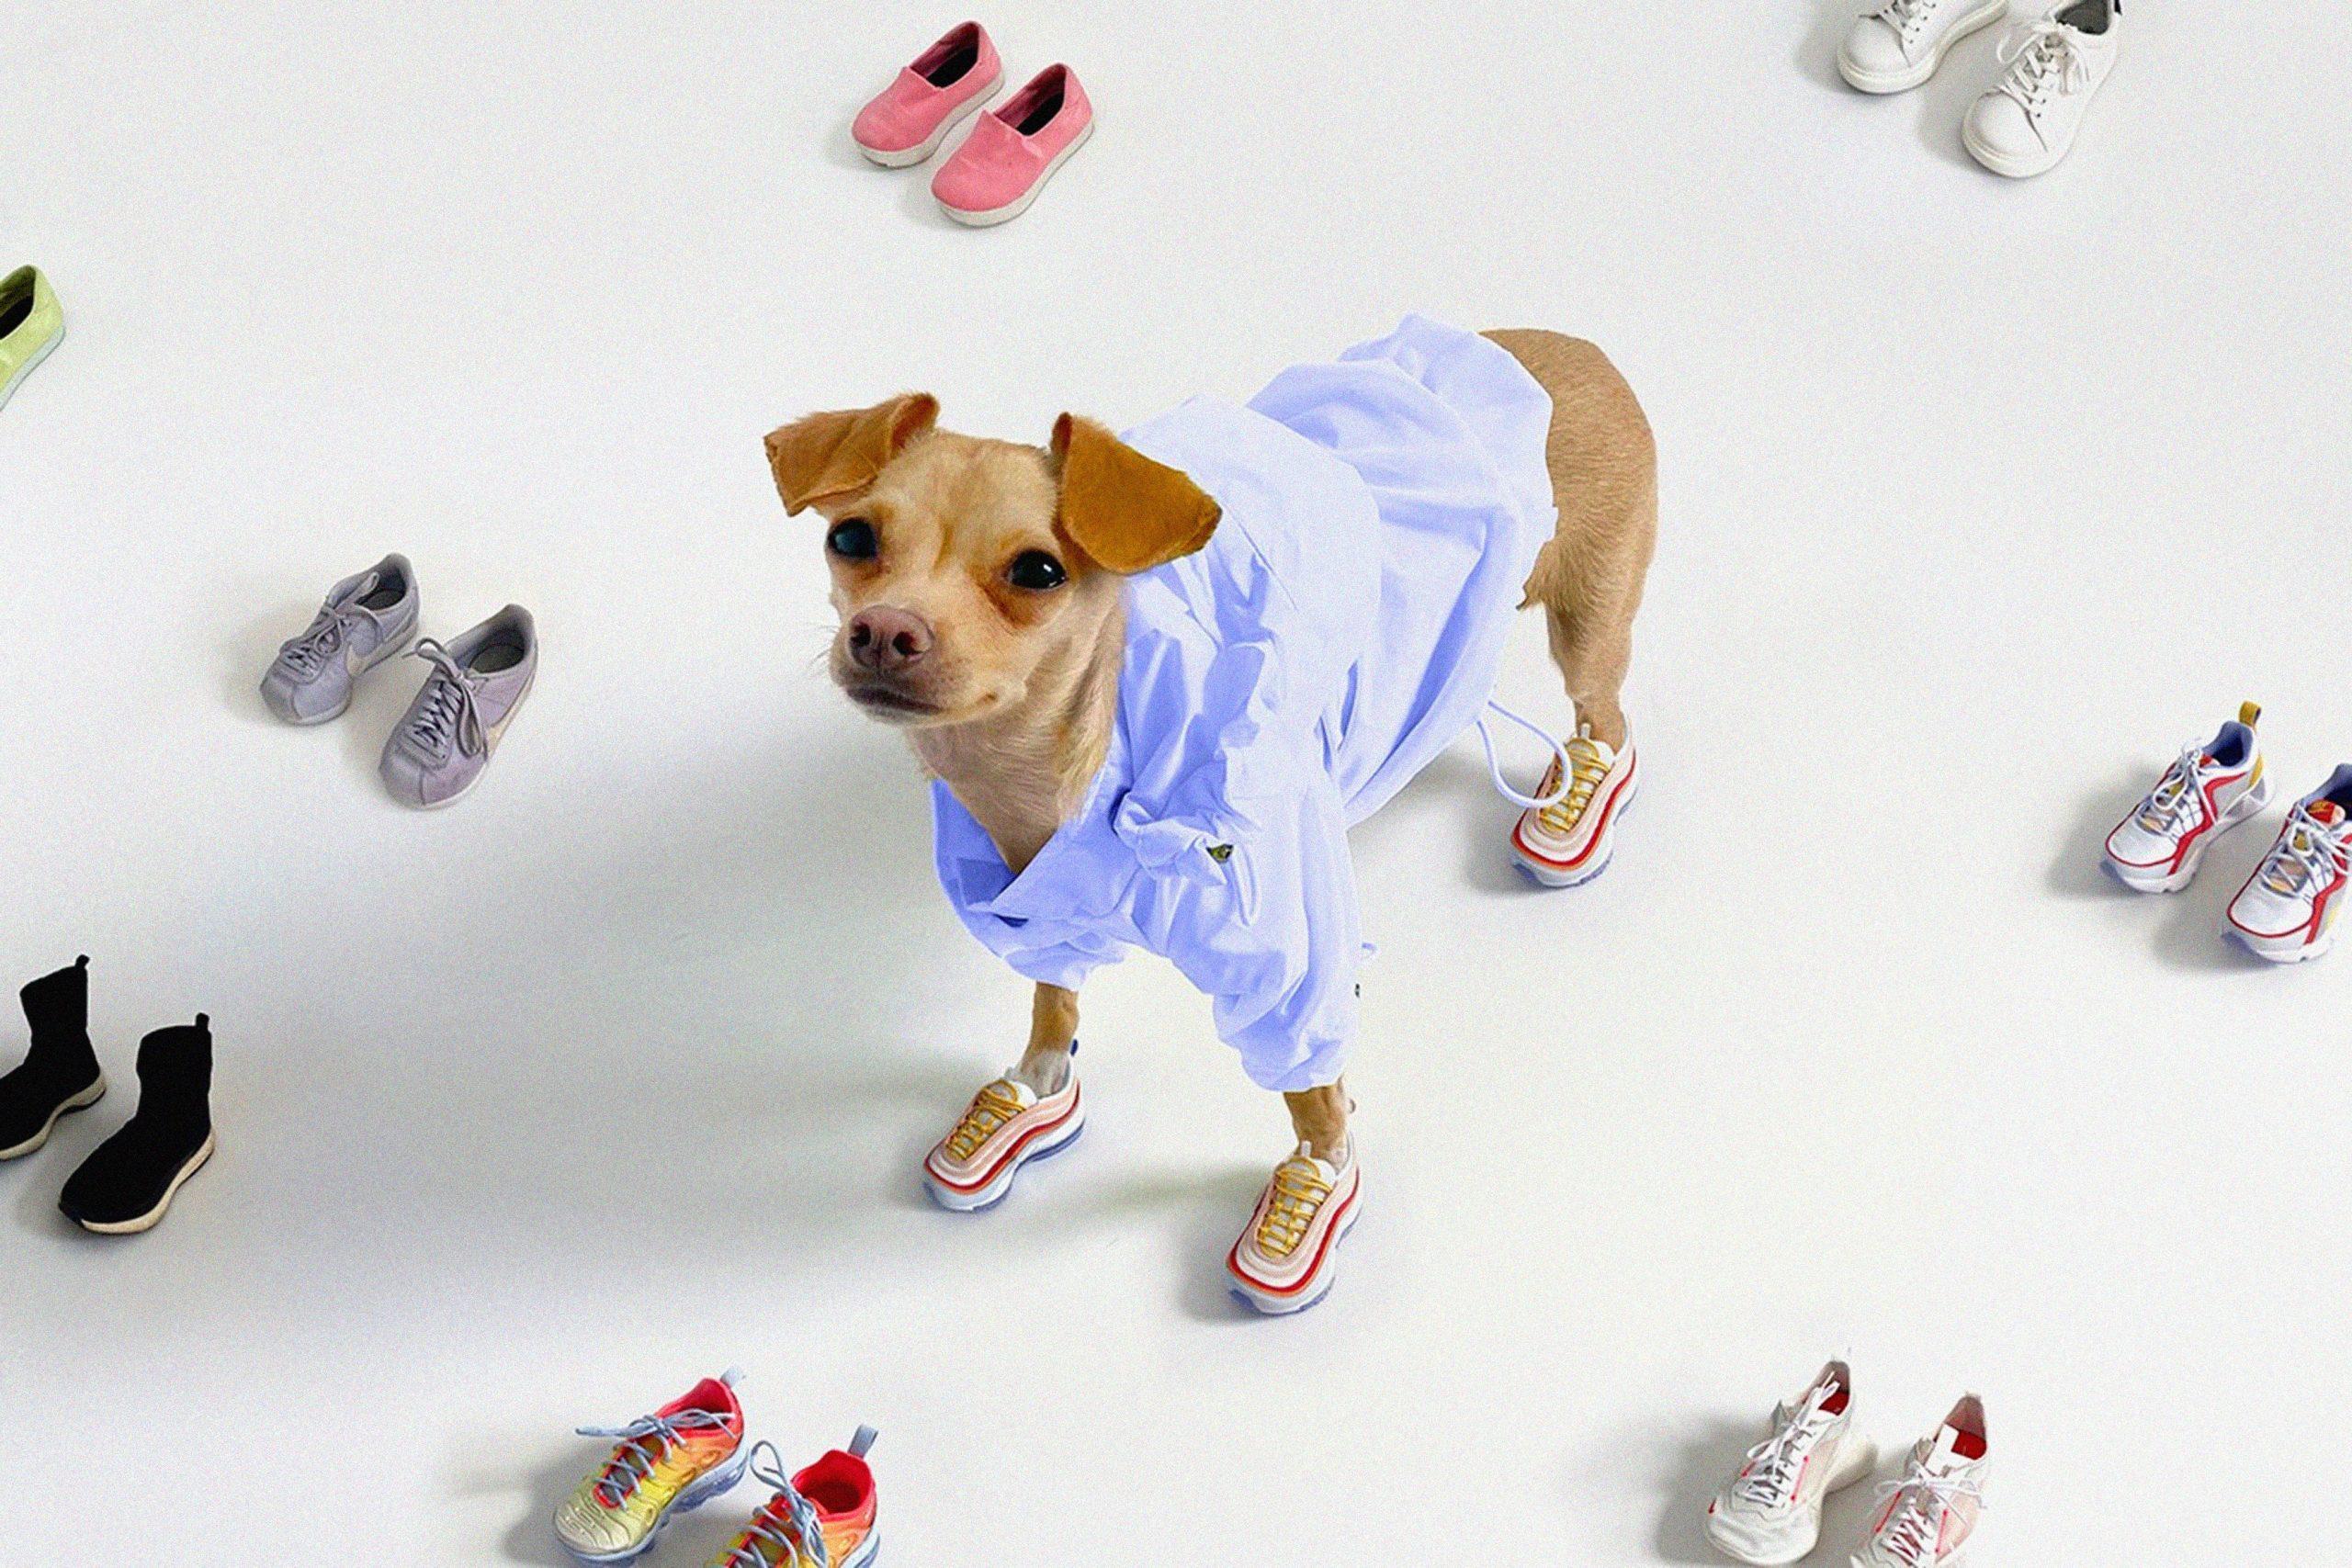 Стильная собачка Буби Билли запустила свою линию одежды:  крошечные сумочки и шарфы для стильных людей